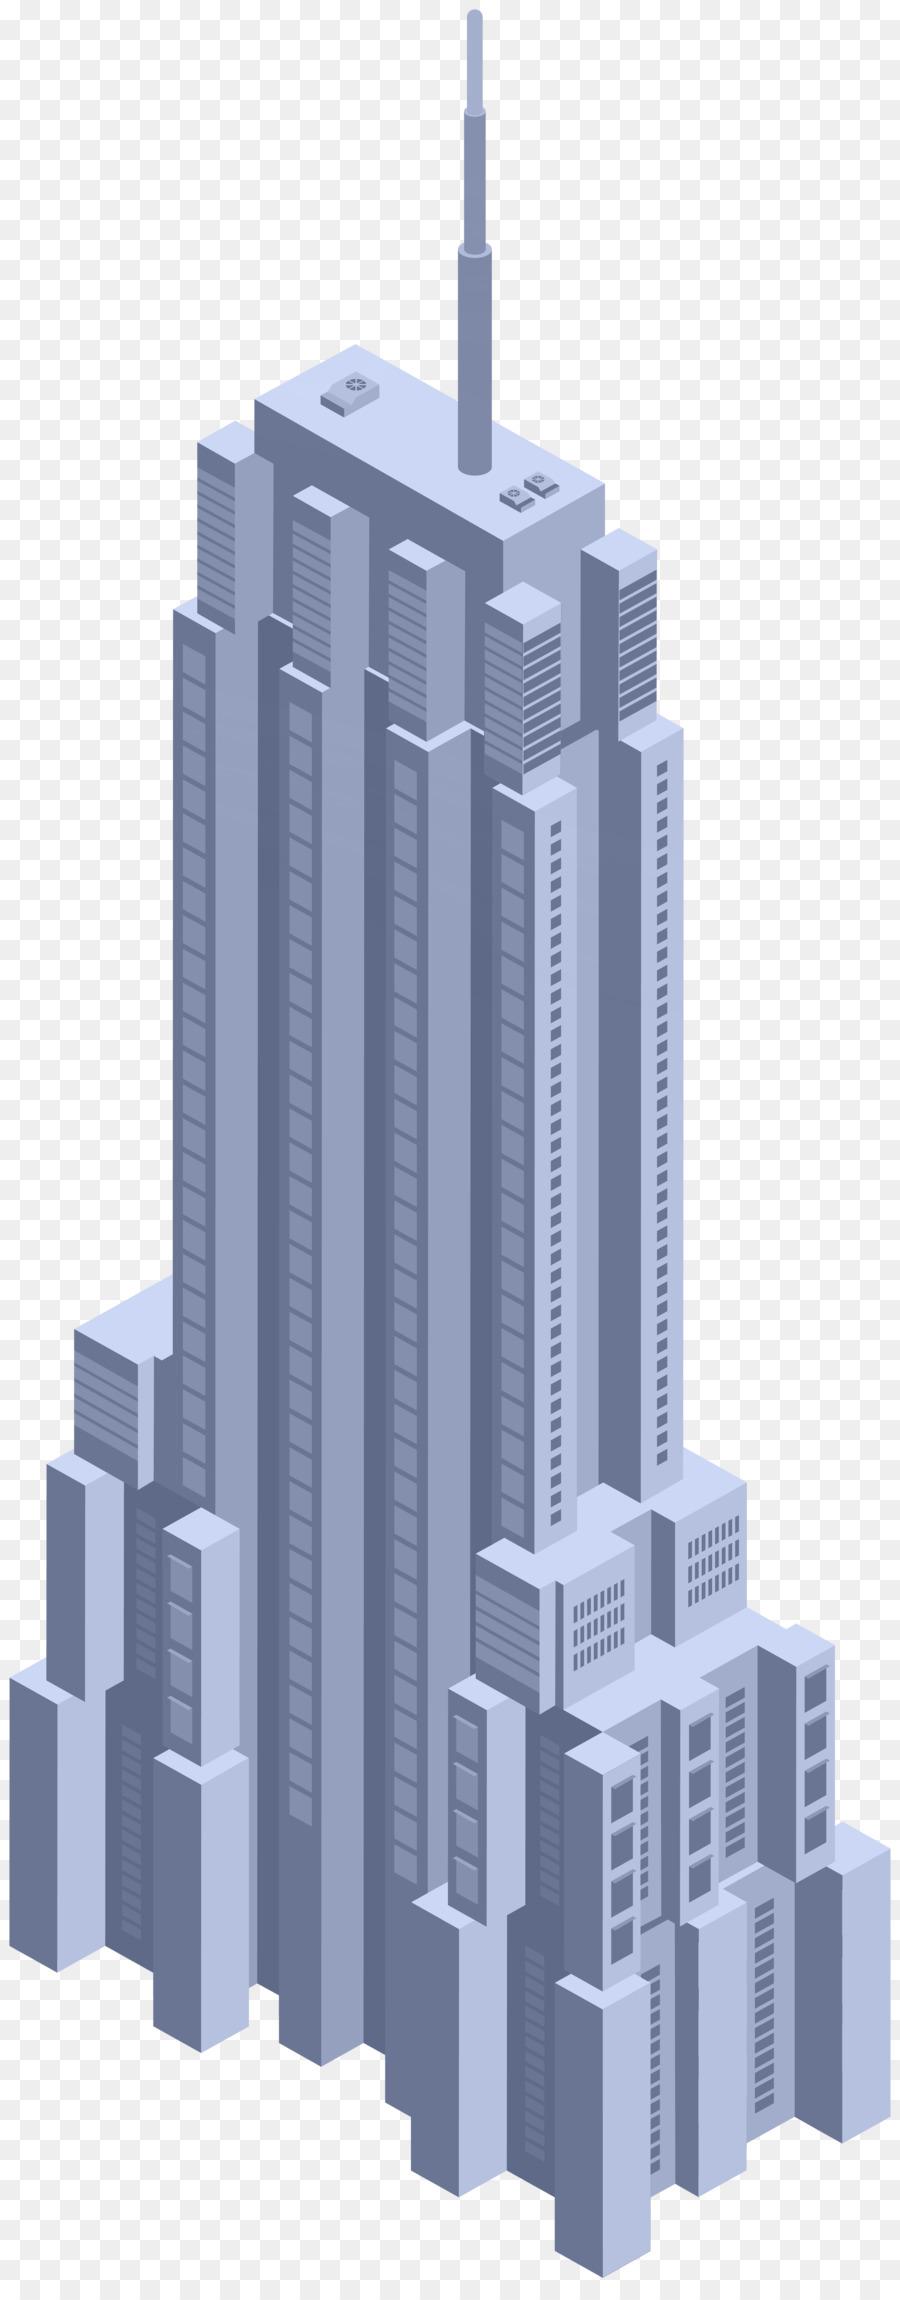 Edificio, Iconos De Equipo, La Arquitectura imagen png.